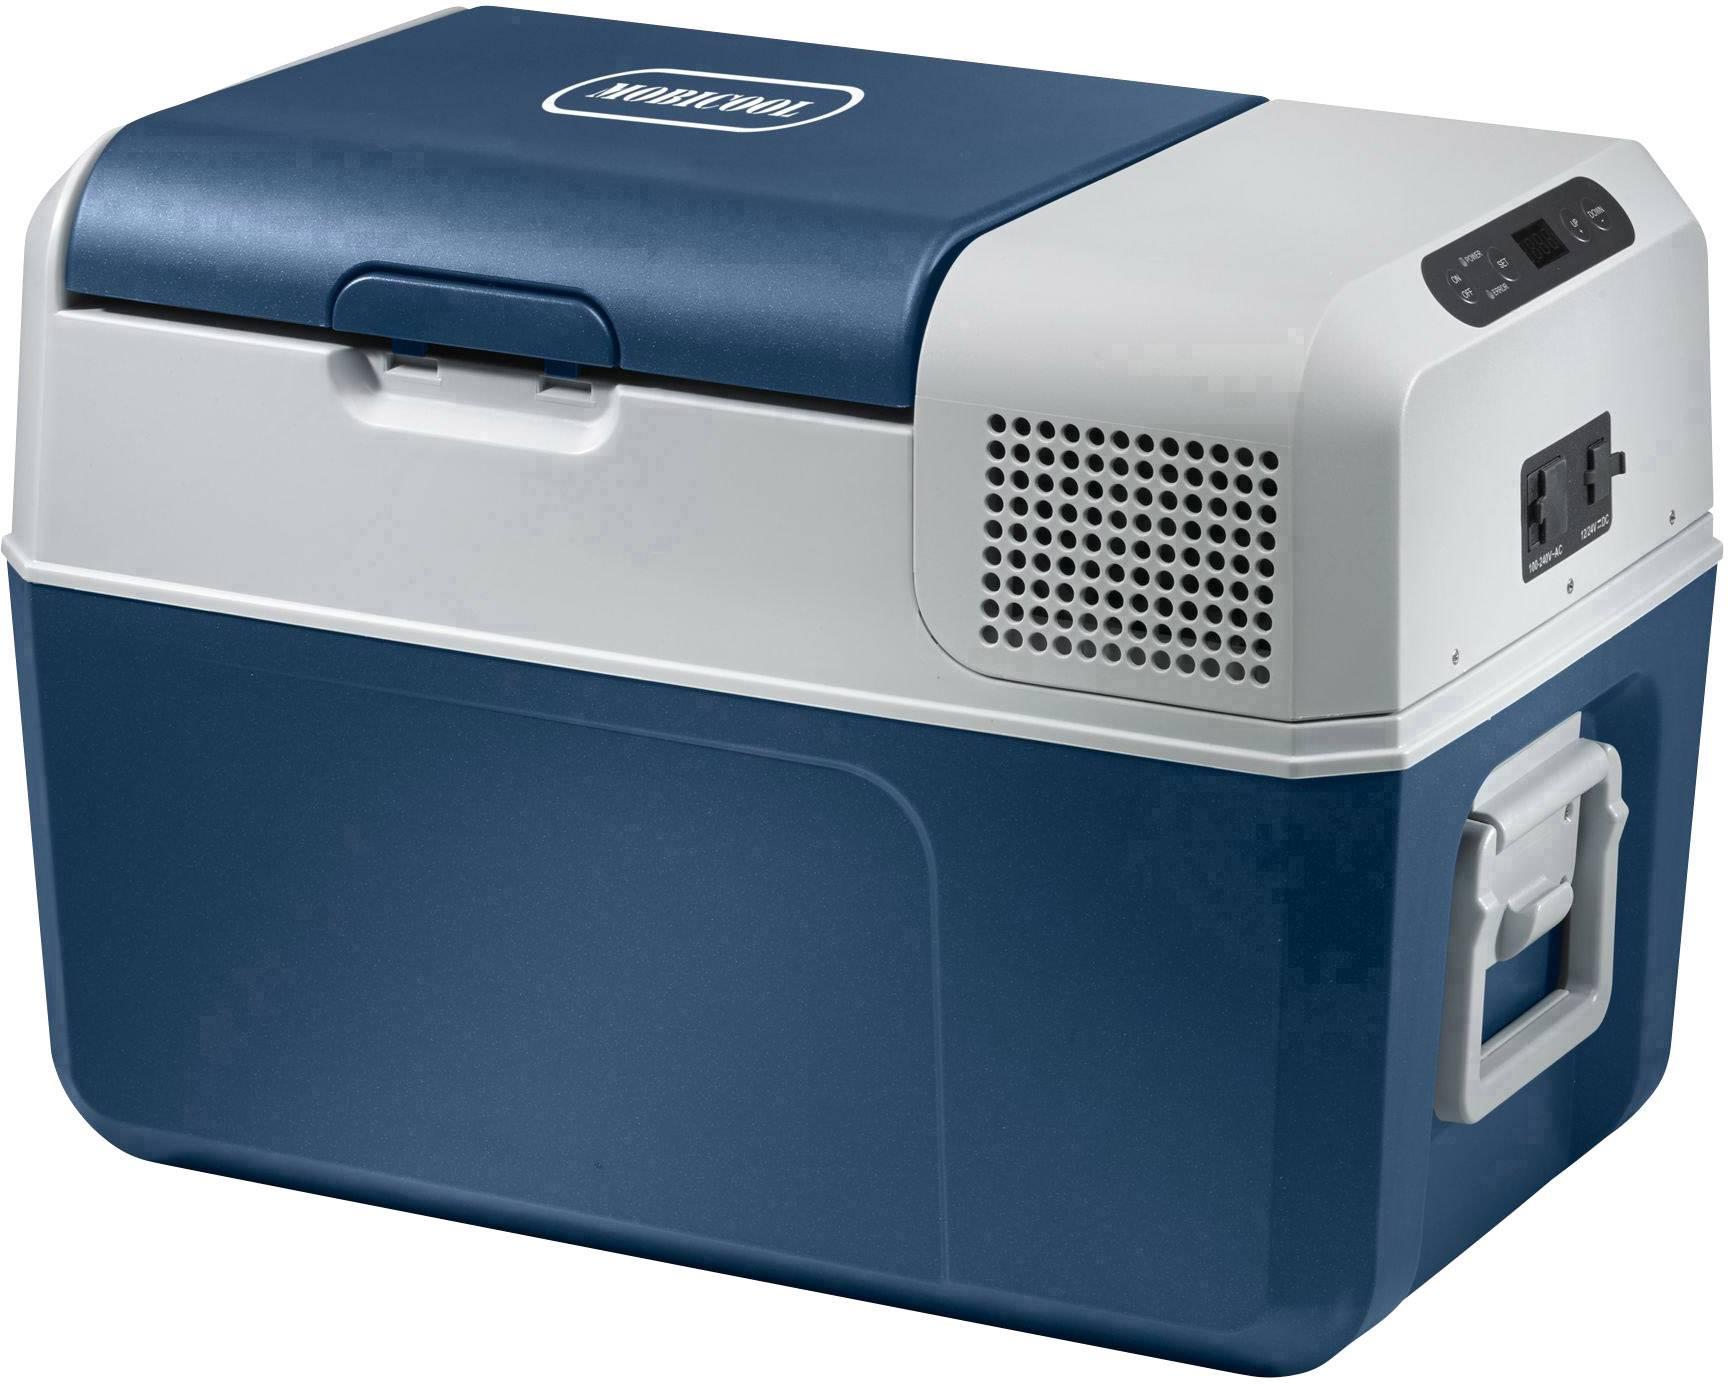 Mini Kühlschrank Dauerbetrieb : Mini kühlschrank dauerbetrieb waeco mini kühlschrank tests beko